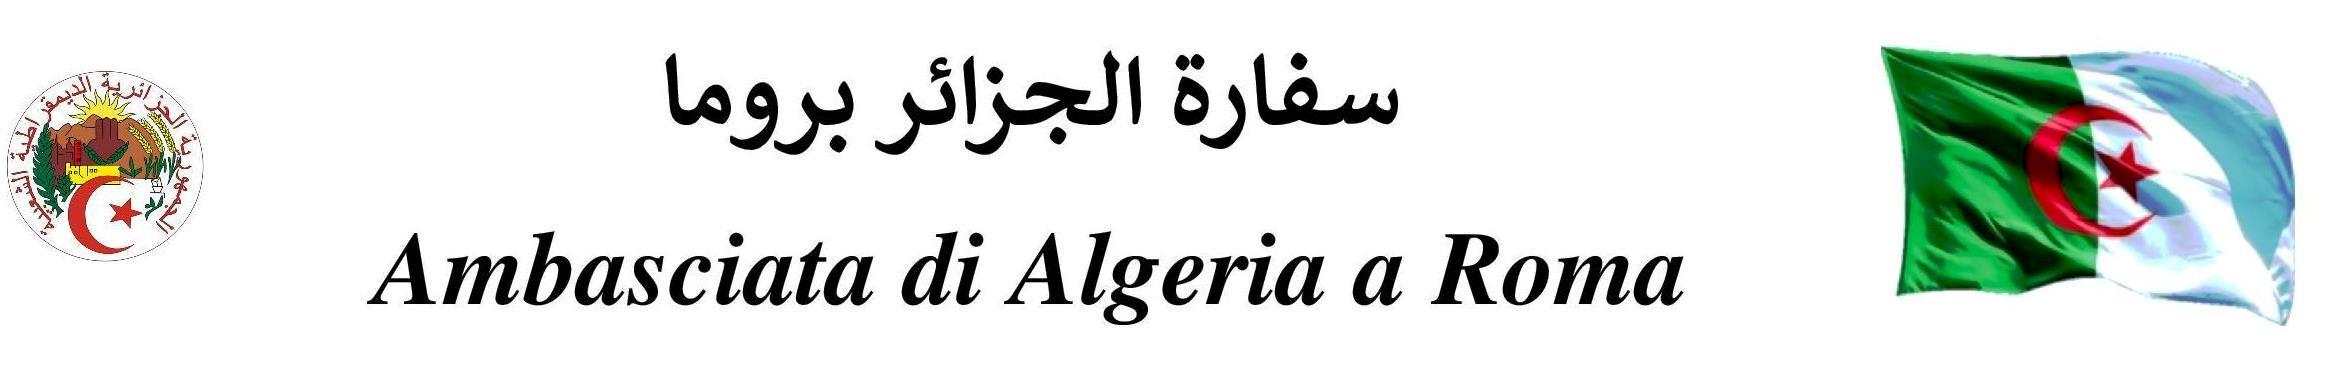 Ambasciata d'Algeria a Roma